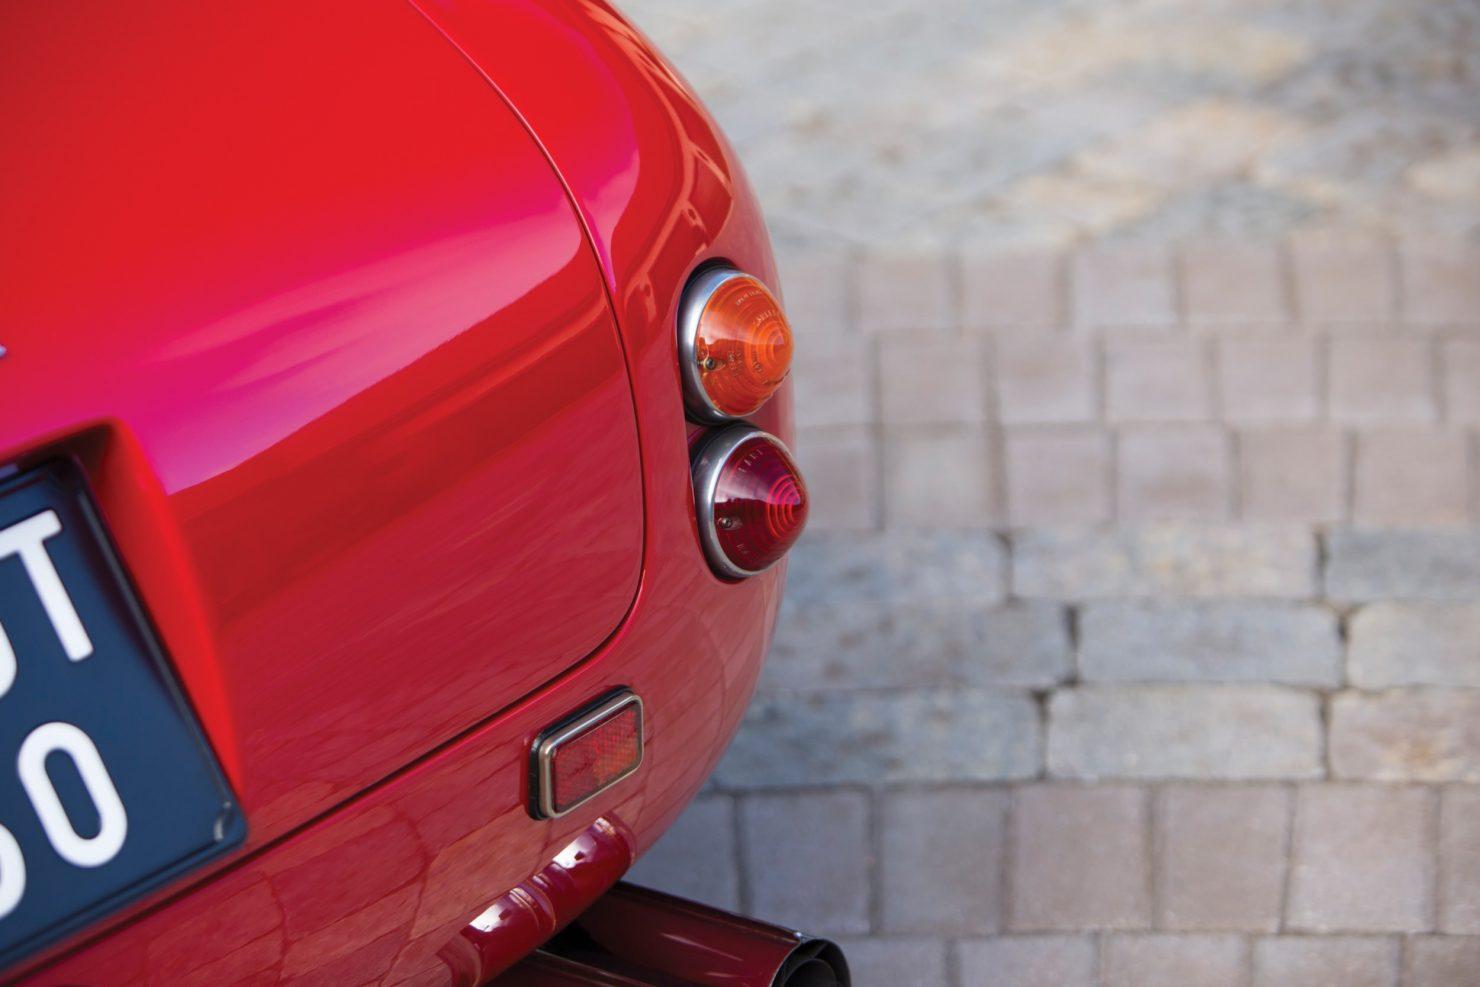 ferrari 250 gt swb car 16 1480x987 - 1960 Ferrari 250 GT SWB Competizione